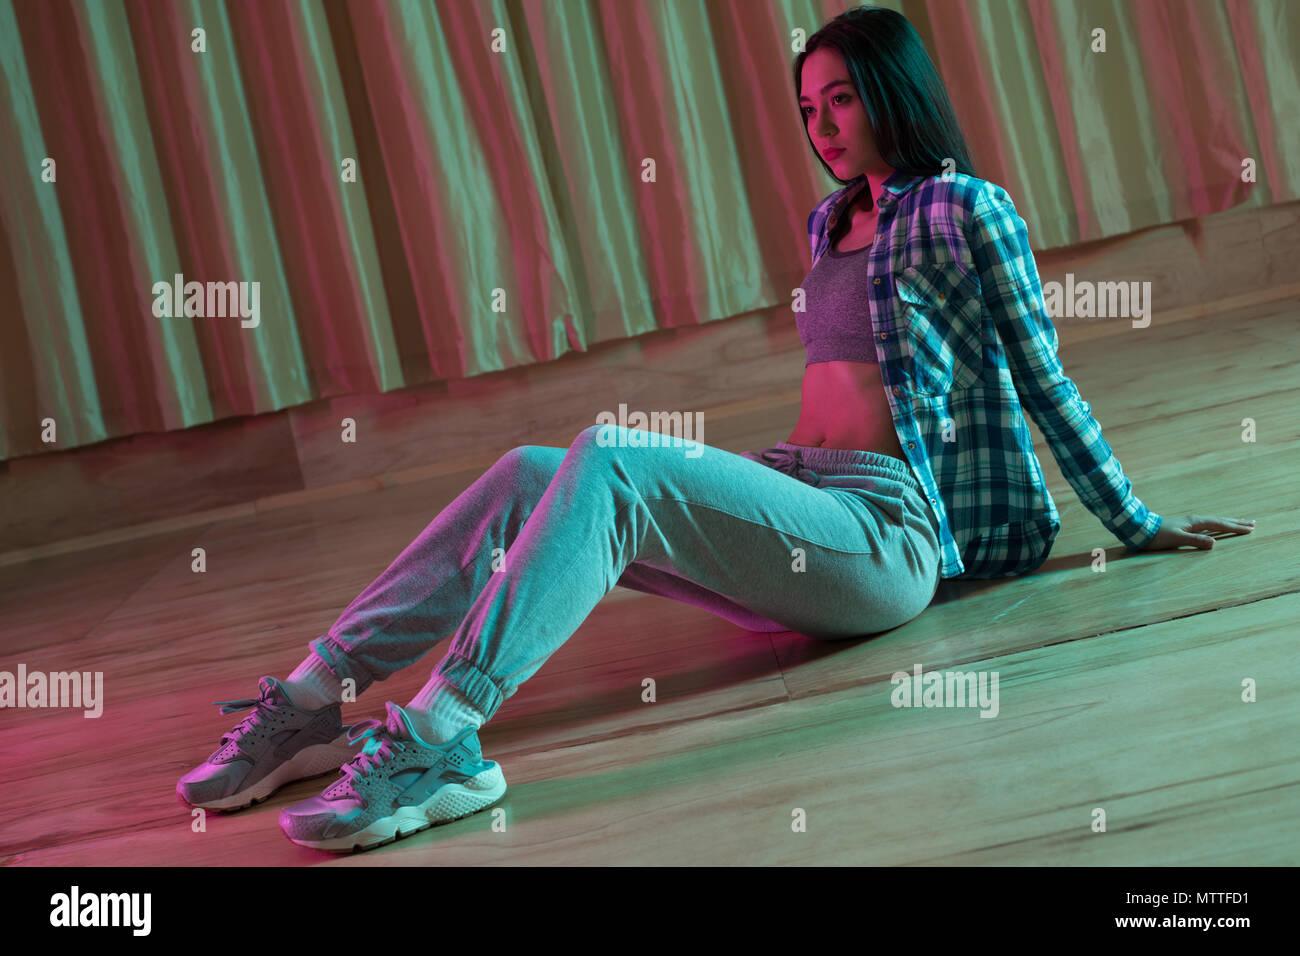 Bailarina de relax en dance studio Imagen De Stock